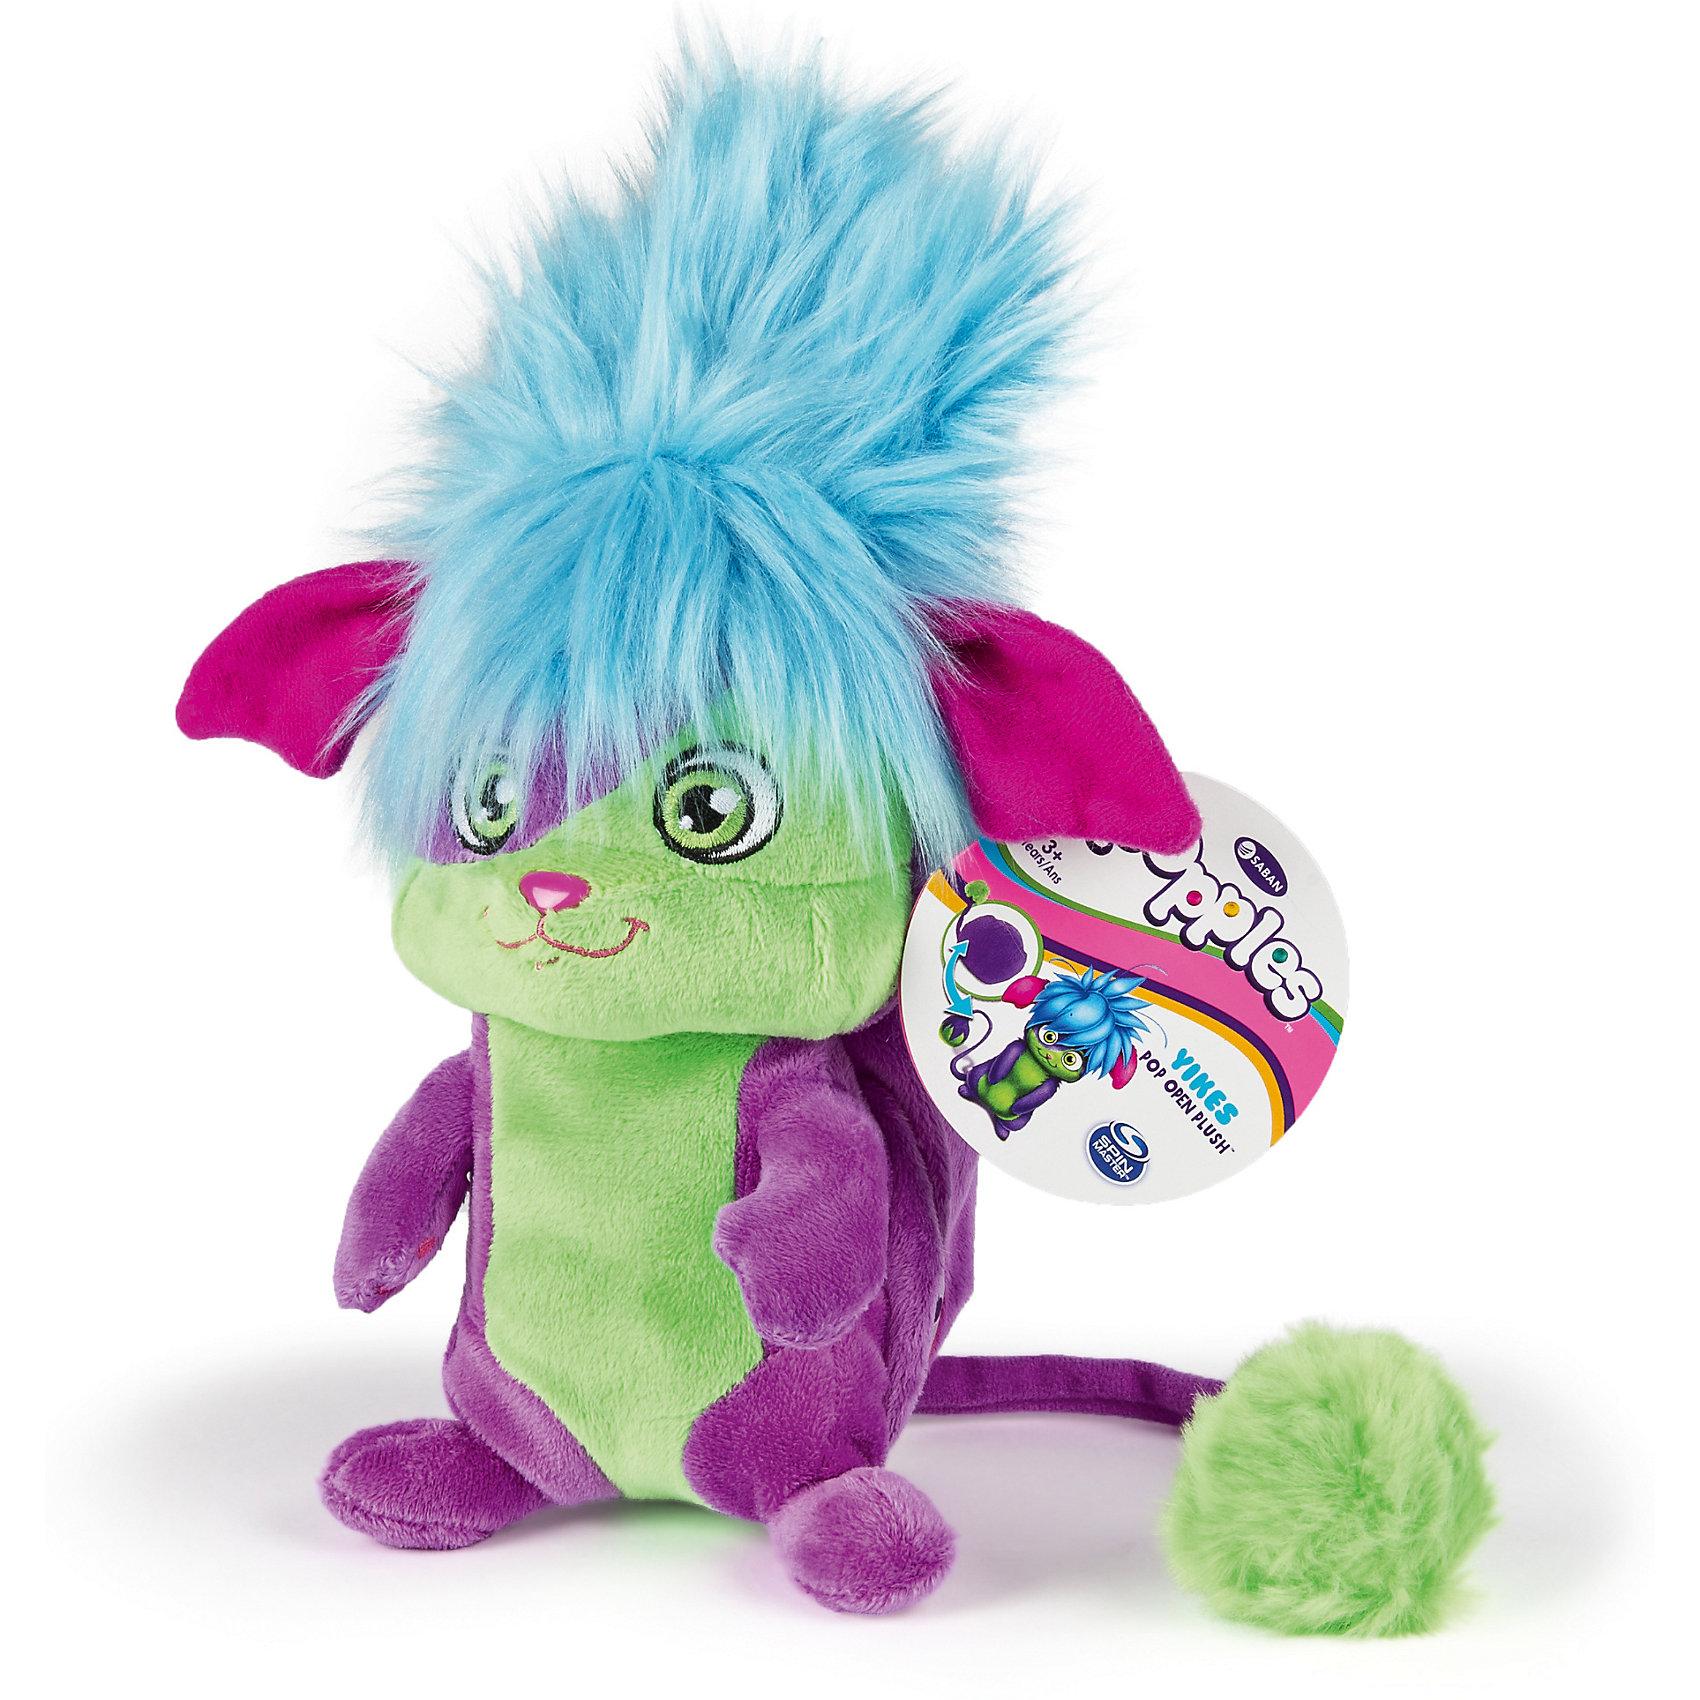 Мягкая игрушка Юкис, 20 см, сворачивается в шар, PopplesМягкие игрушки животные<br>Мягкая игрушка Юкис, 20 см, сворачивается в шар, Popples<br><br>Характеристика:<br><br>-Возраст: от 4 лет<br>-Для девочек<br>-Цвет: разноцветный<br>-Материал: плюш<br>-Размер: 20 см<br>-Марка: Popples<br><br>Мягкая игрушка Popples - это уникальная мягкая игрушка для детей. Игрушка по имени Юкис яркая и веселая. Самое интересное то, что она имеет небольшой кармашек, что позволяет превратить игрушку в небольшой шар. Благодаря этому ее легко брать на прогулку или в путешествие.<br><br>Мягкая игрушка Юкис, 20 см, сворачивается в шар, Popples можно приобрести в нашем интернет-магазине.<br><br>Ширина мм: 80<br>Глубина мм: 230<br>Высота мм: 100<br>Вес г: 310<br>Возраст от месяцев: 36<br>Возраст до месяцев: 2147483647<br>Пол: Женский<br>Возраст: Детский<br>SKU: 5301638